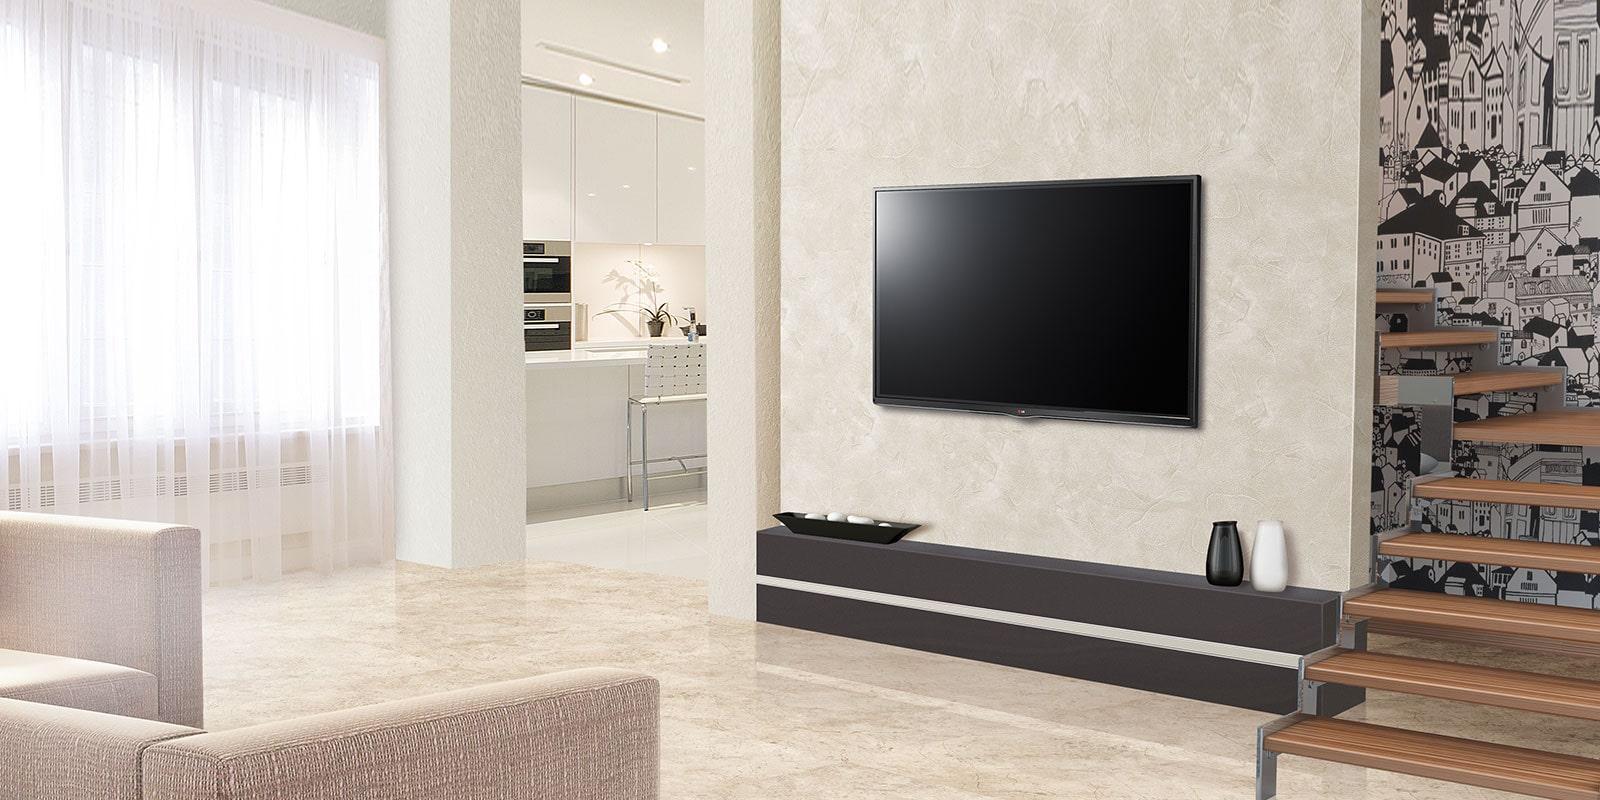 Home Appliances, TVs, Smartphones, Monitors | LG Canada